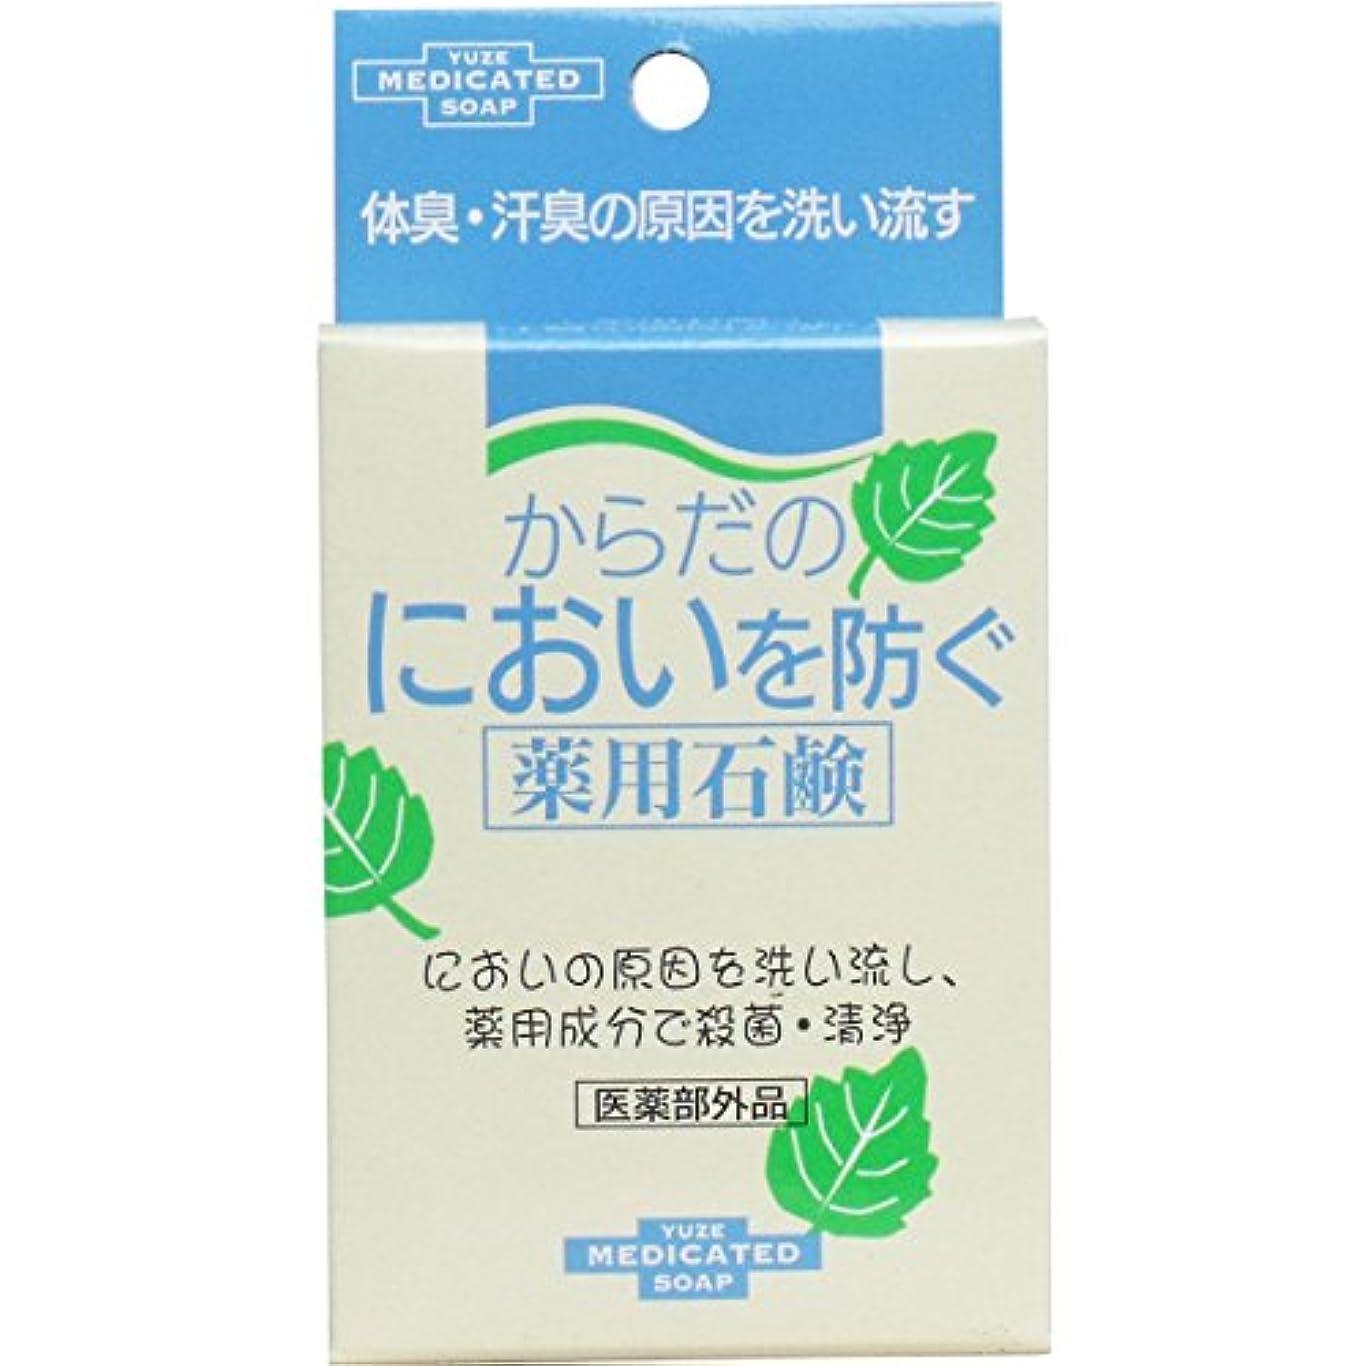 幻想的ずっとひどいユゼからだのにおいを防ぐ薬用石鹸 110g×6個セット